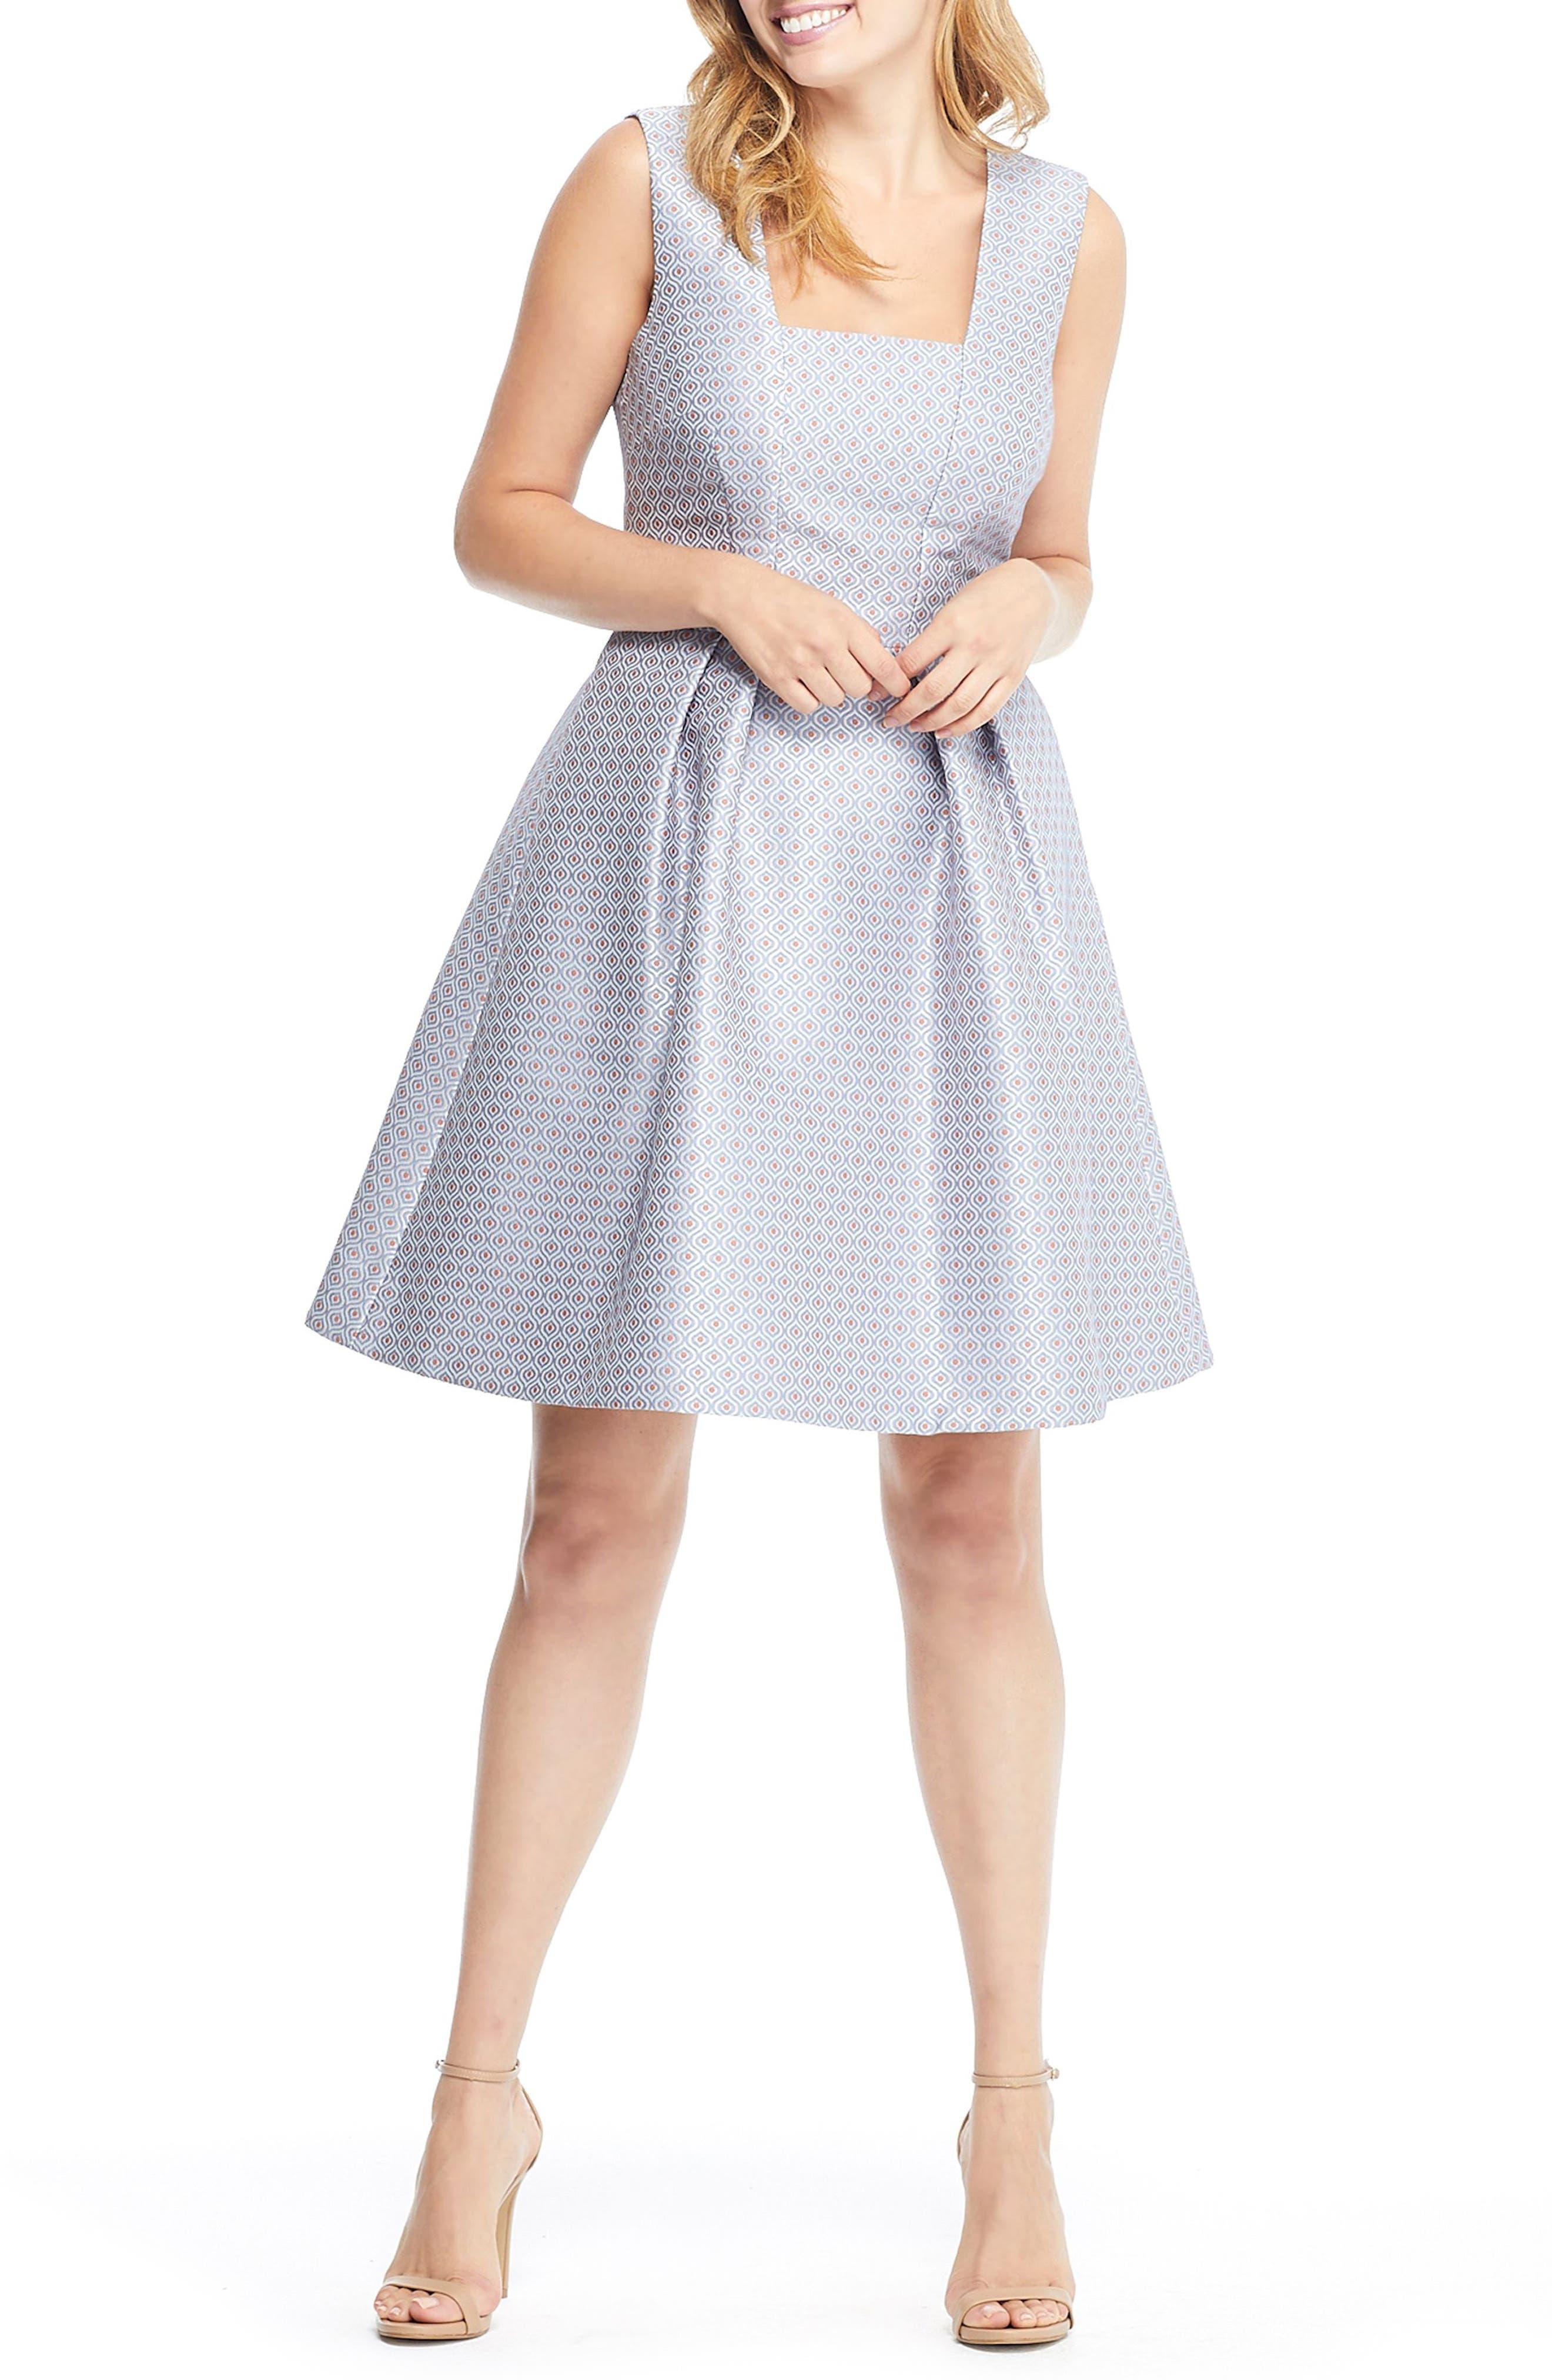 Cosette Jacquard Fit & Flare Dress,                             Main thumbnail 1, color,                             BLUE MULTI